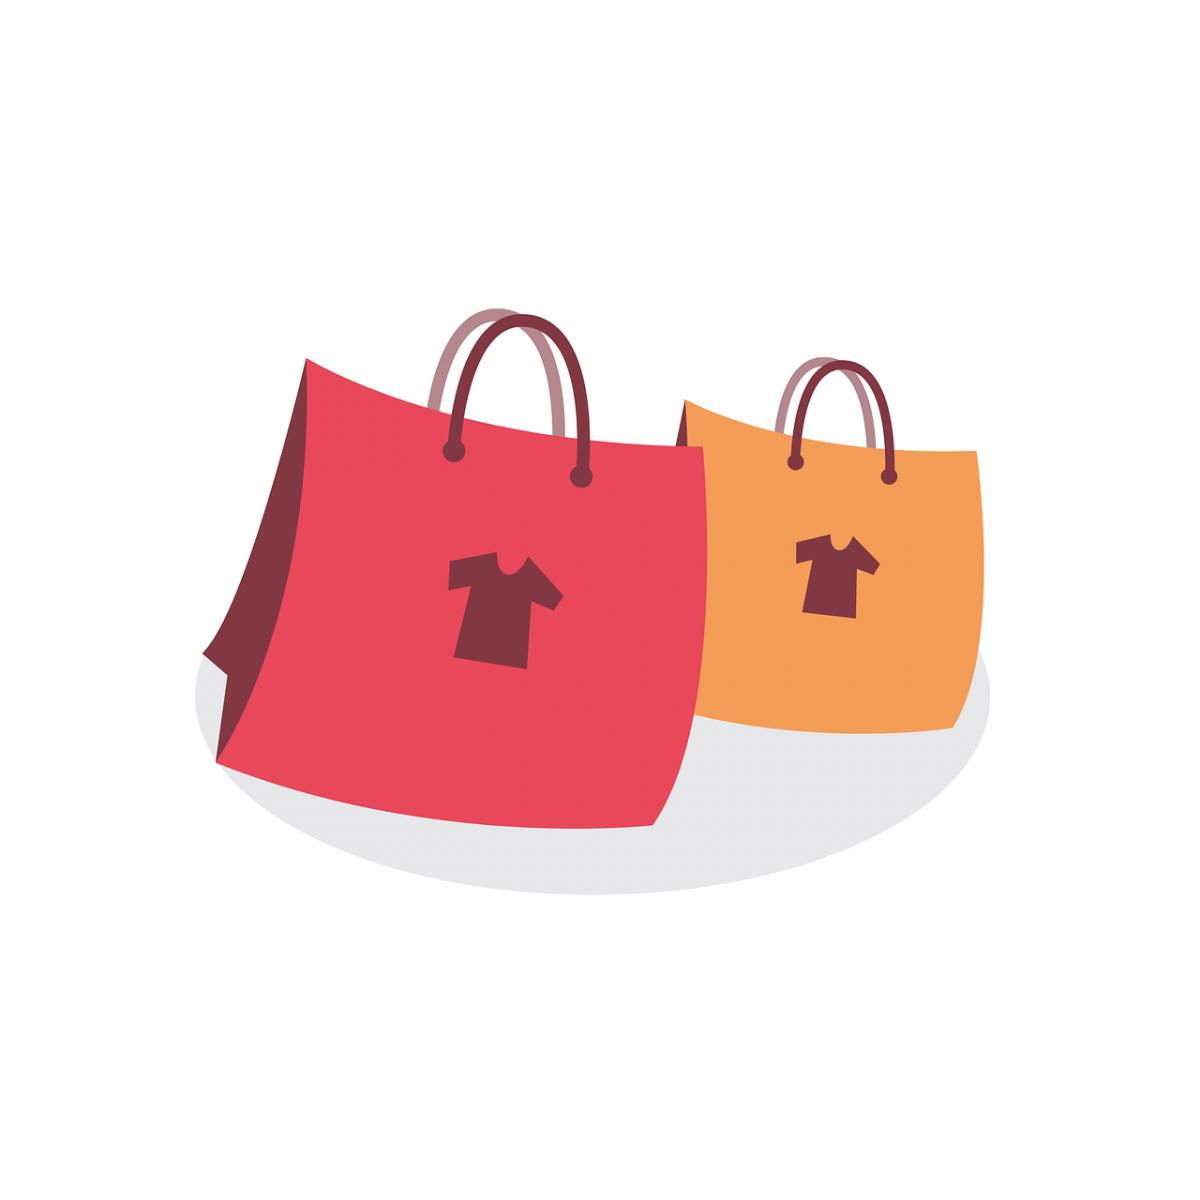 0a7c59853d Buste per la spesa personalizzate, shopper bag come si chiamano in termine  tecnico, che vengono fornite ai clienti per facilitare il trasporto di  quanto ...